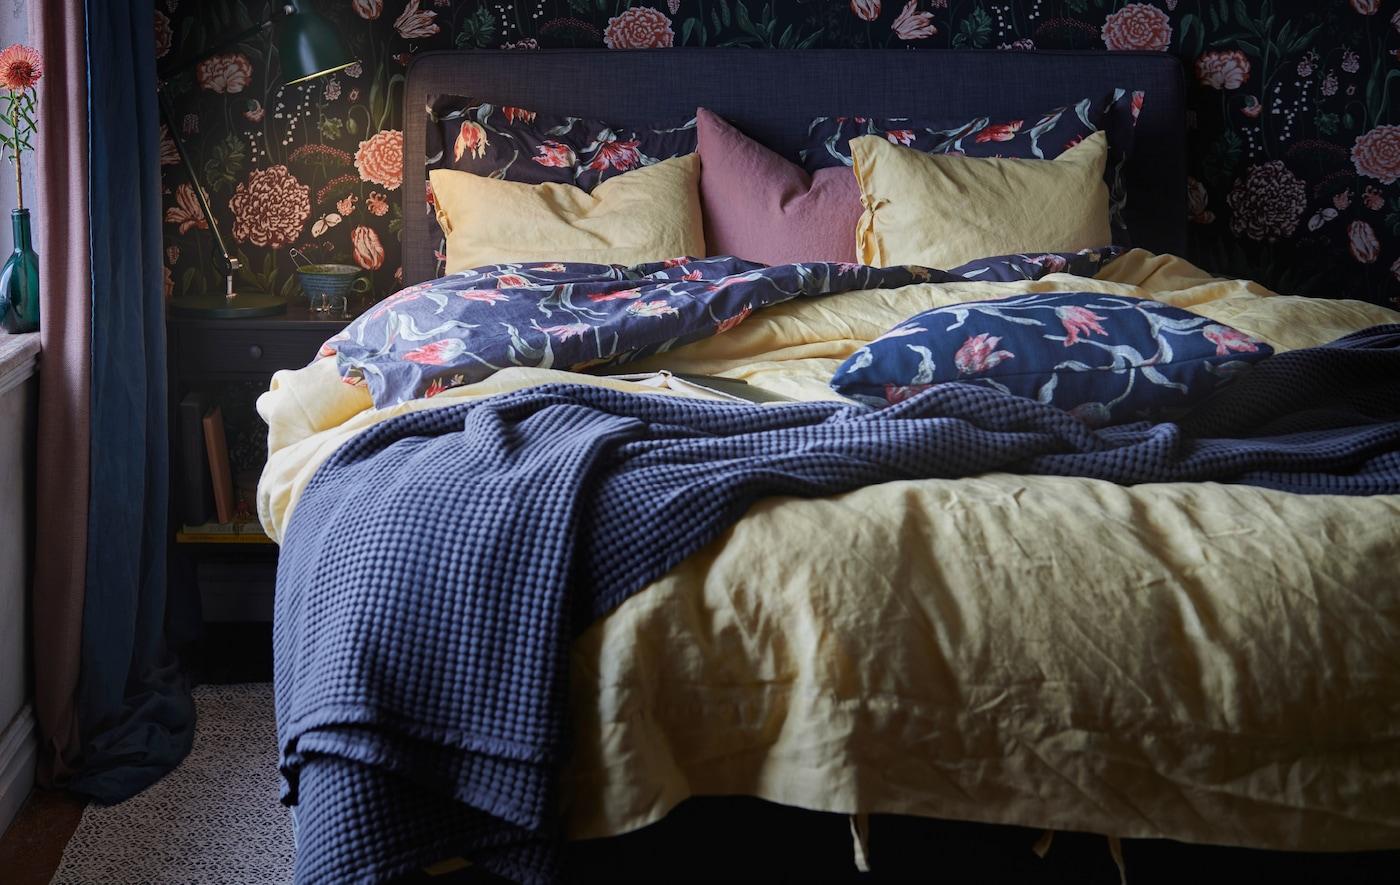 2枚の掛け布団と枕、ベッドカバーが置かれた心地よいベッド。ベッドの隣には、点灯したランプとマグが置かれたベッドサイドテーブル。